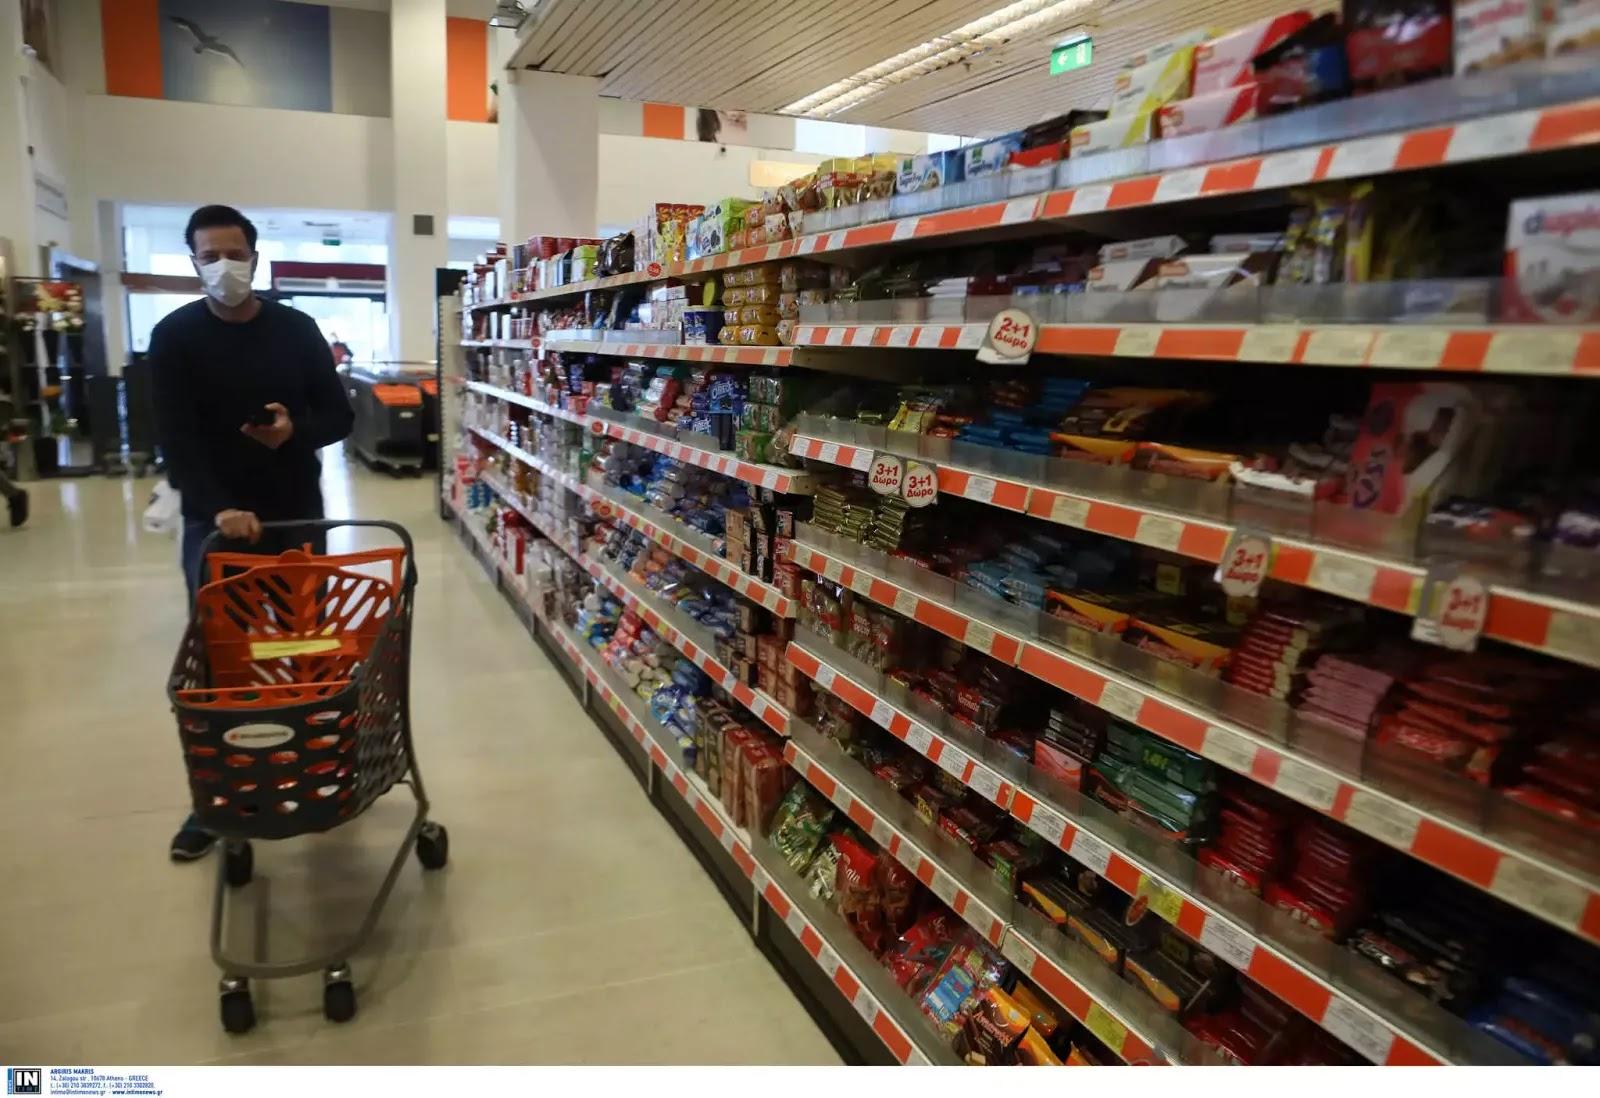 Τι θα γίνει αν υπάρξει κρούσμα κορονοϊού σε σούπερ μάρκετ, λαϊκές αγορές, φαρμακαποθήκες;